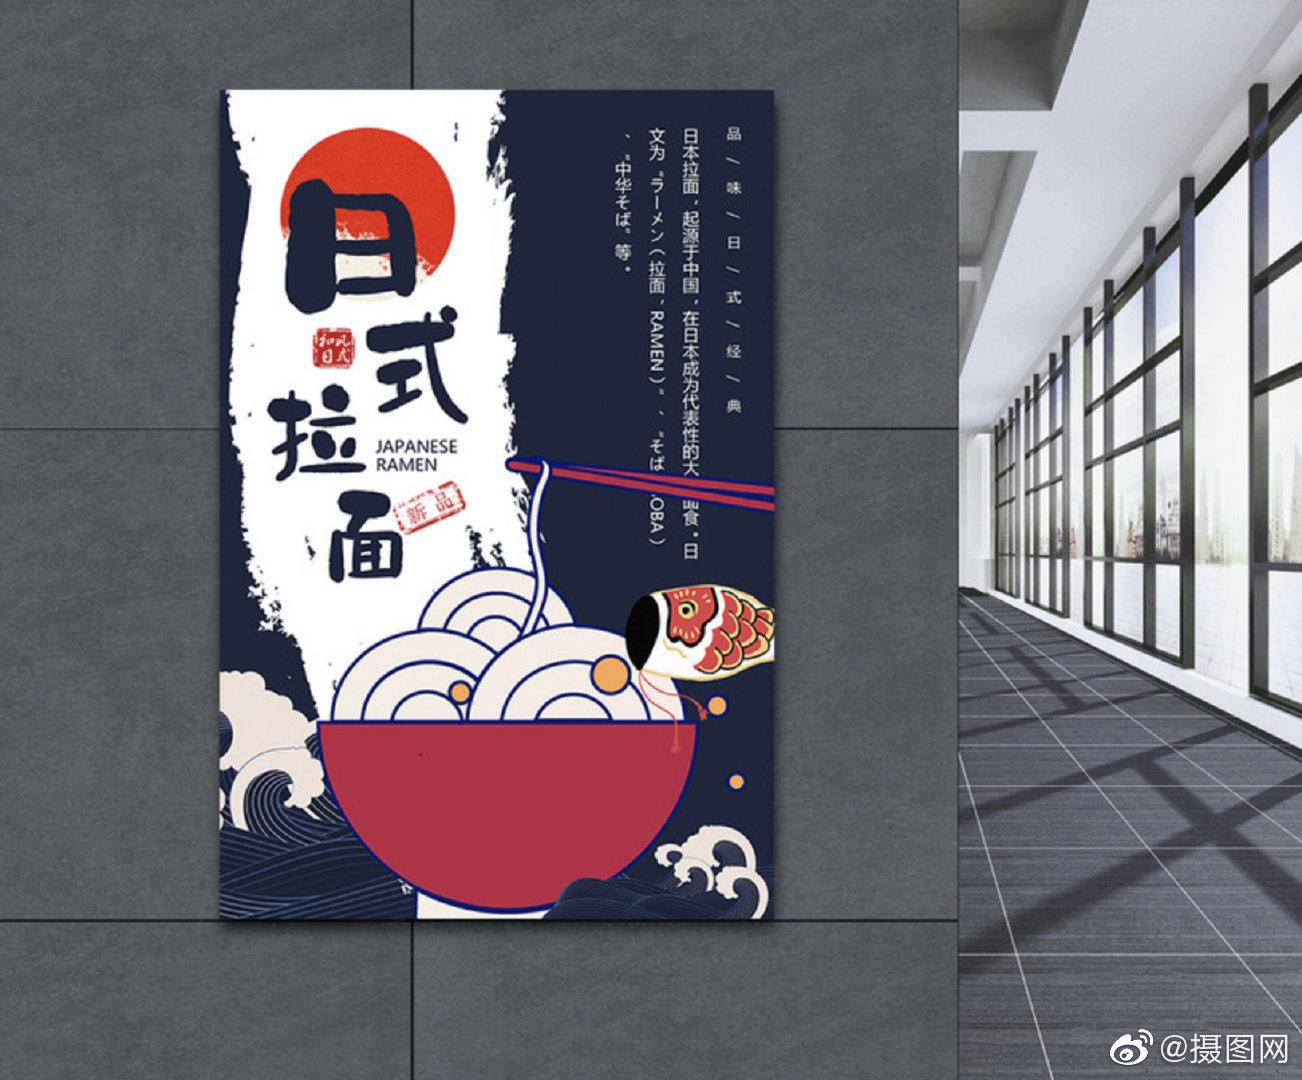 超赞的手绘美食海报创意!做可可爱爱的美食控~版权设计 by 摄图网